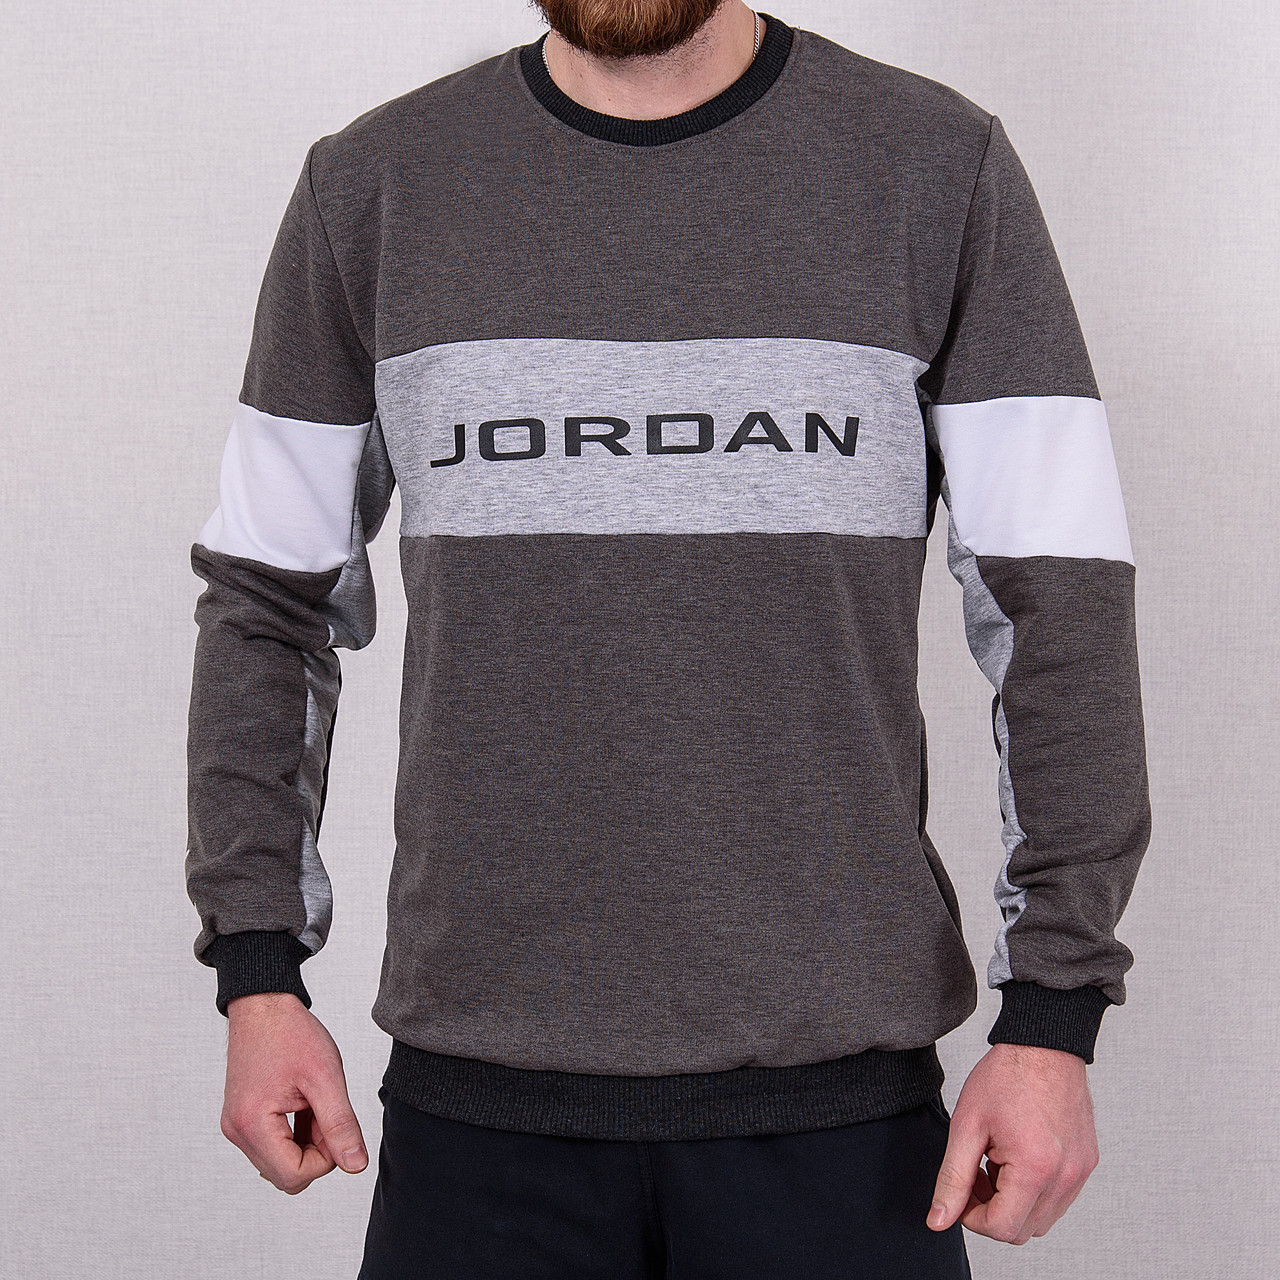 Світшот чоловічий з написом Jordan сірого кольору